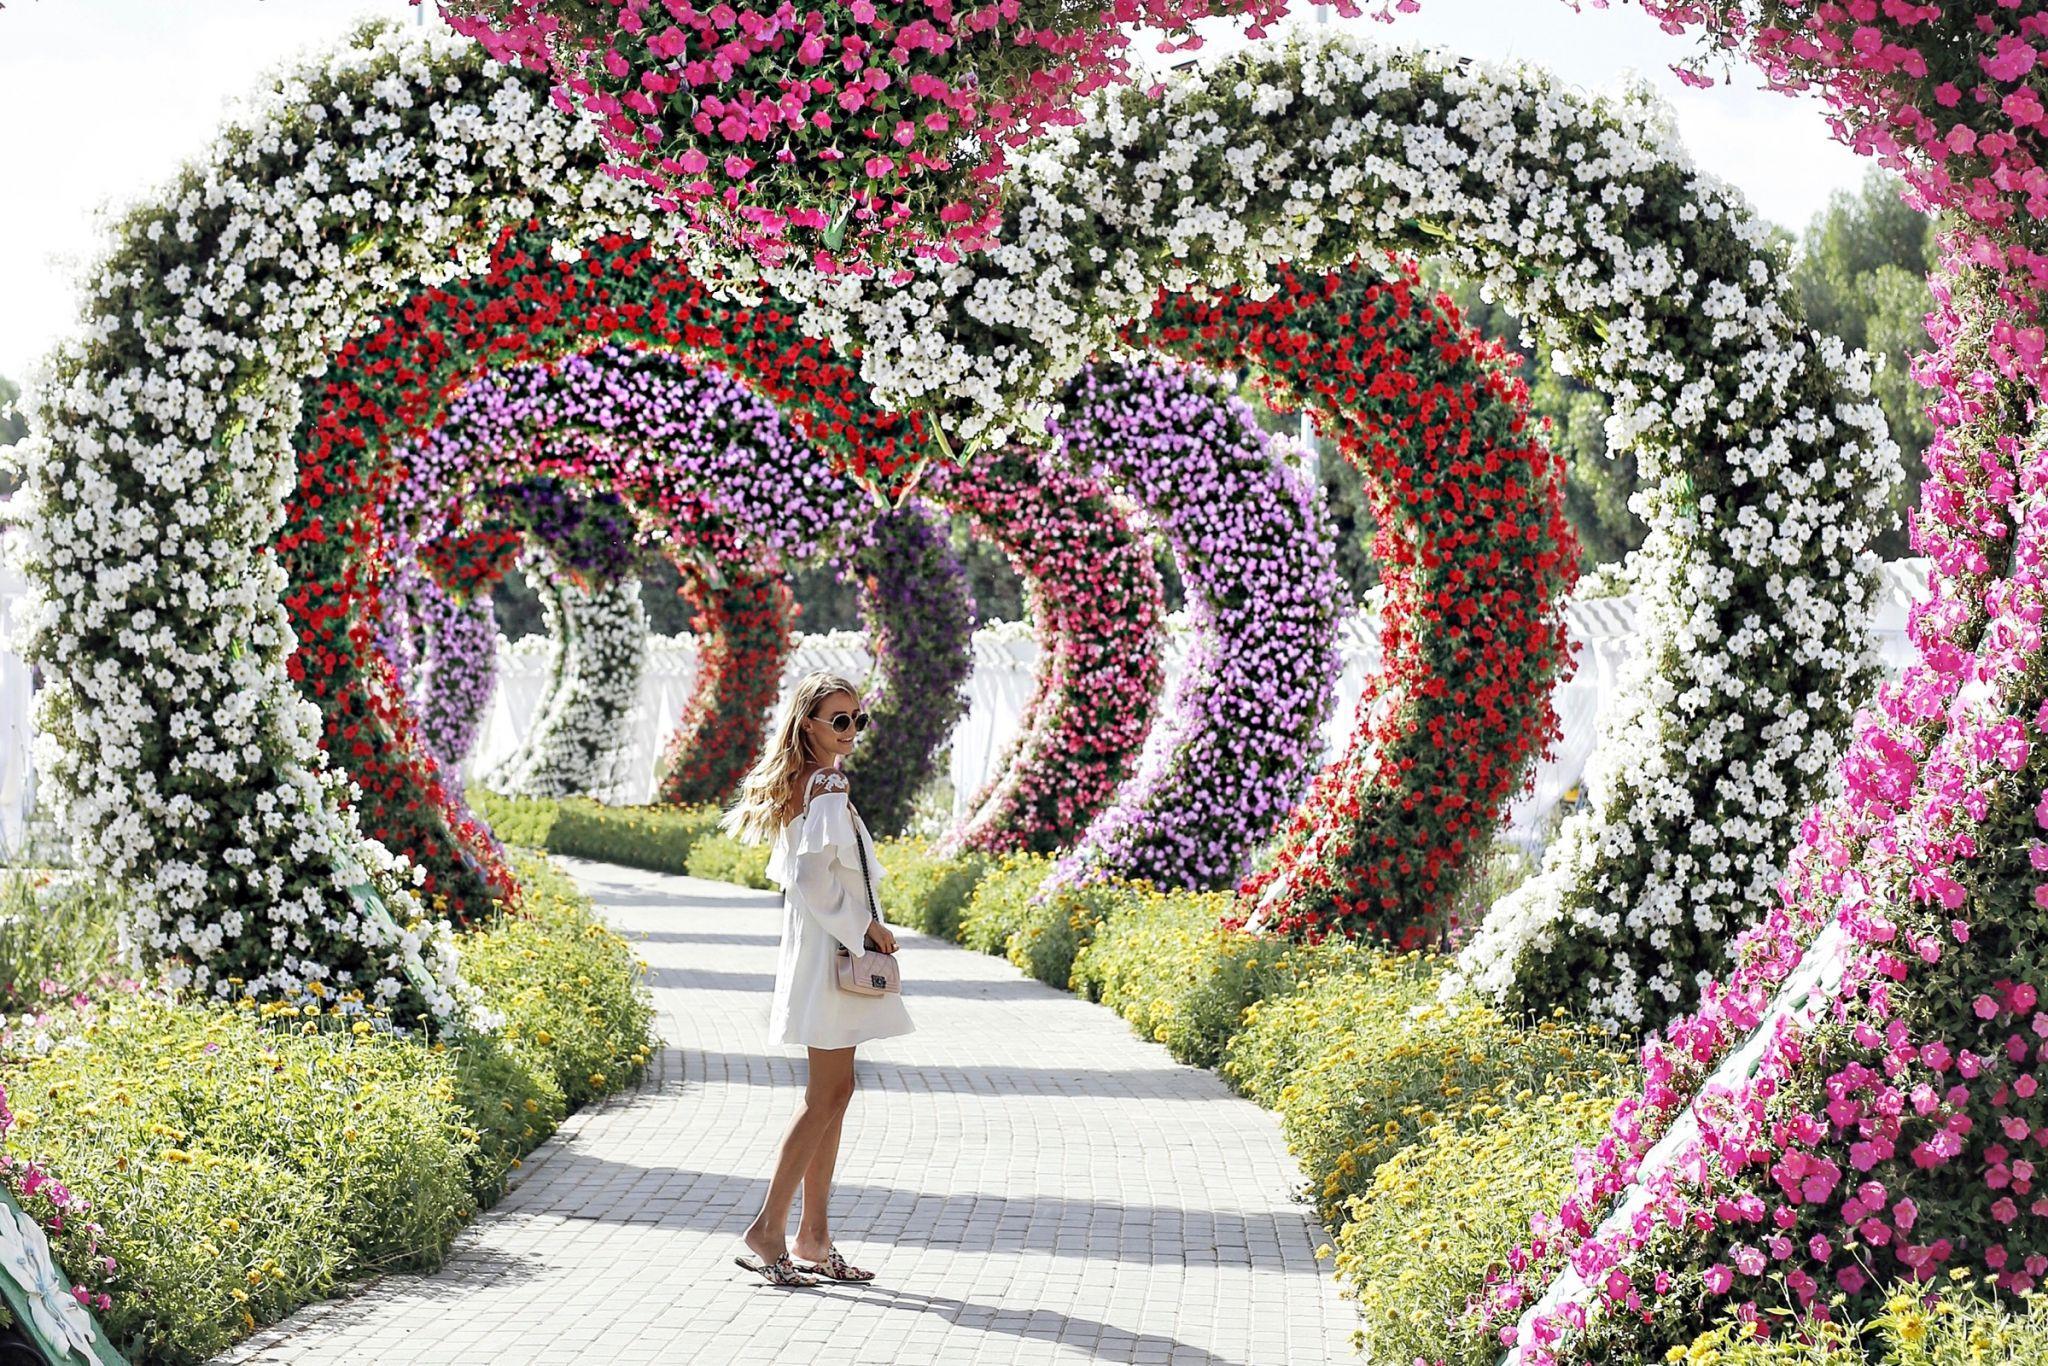 Miracle garden Miracle garden, Dubai garden, Botanical